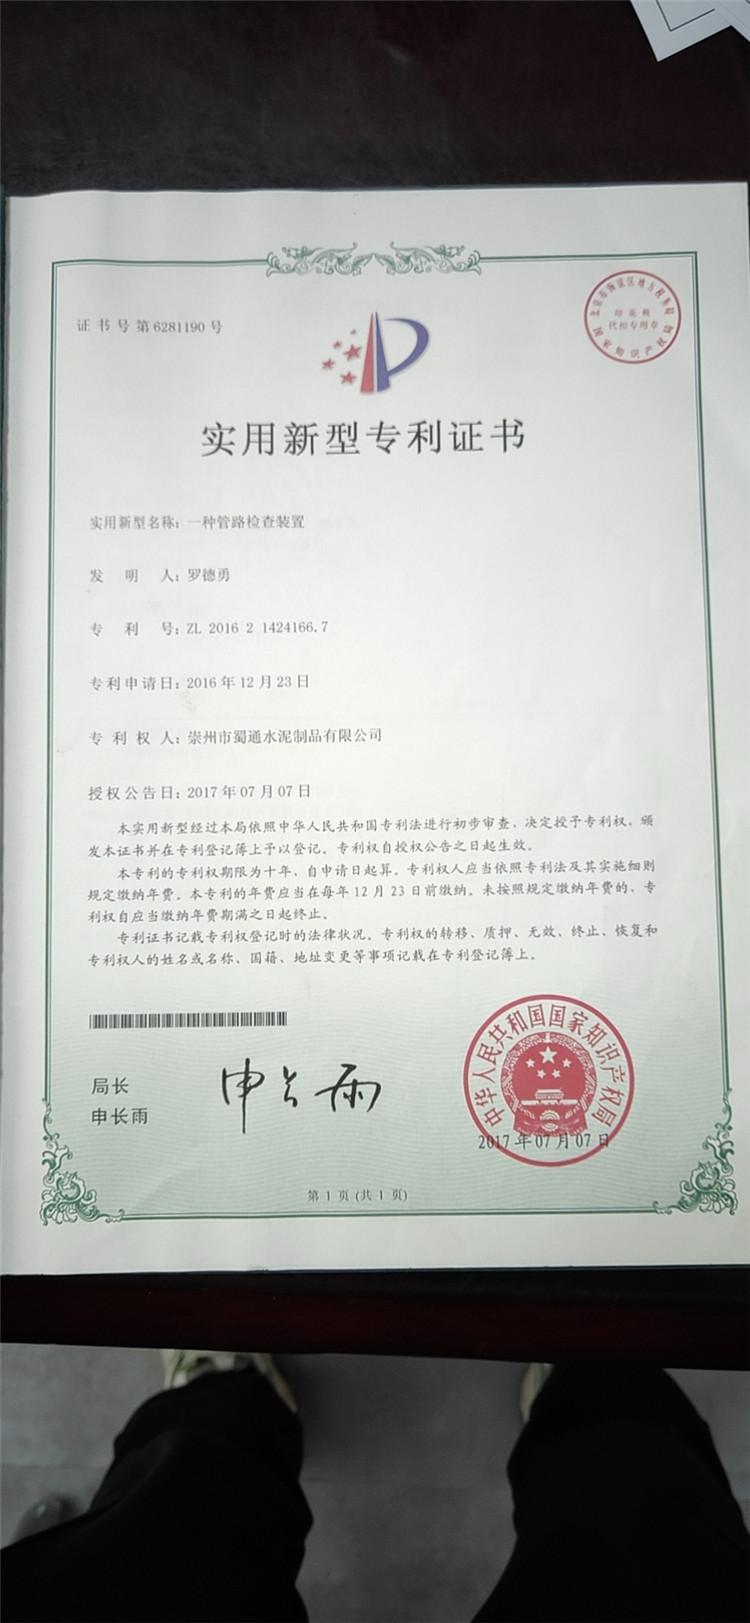 蜀通水泥专利证书